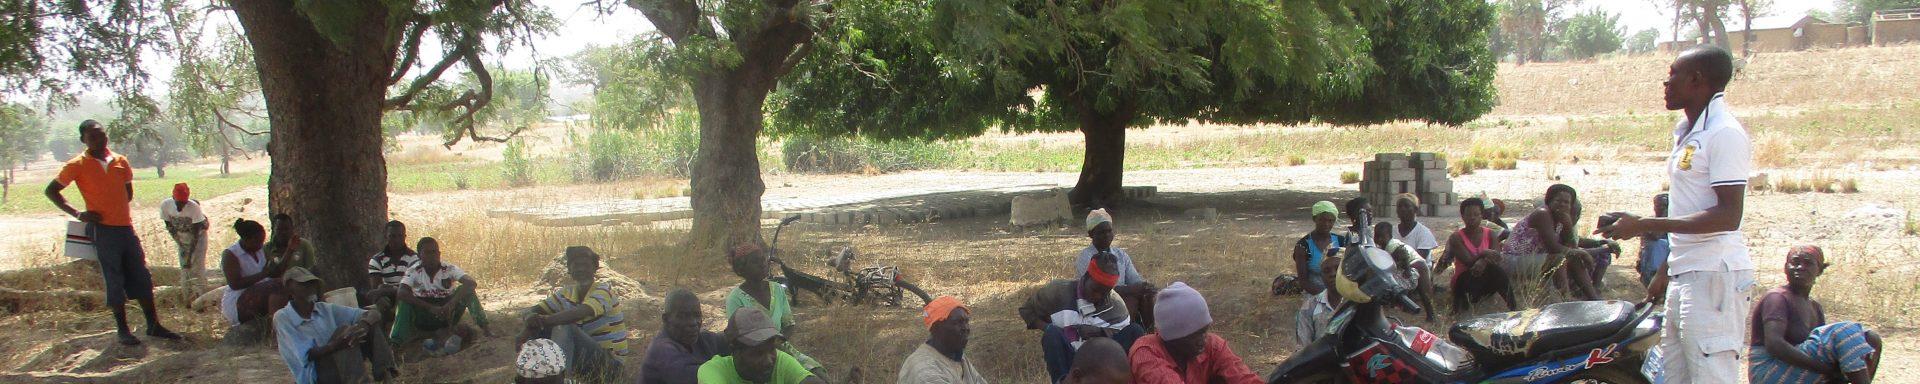 Vrouwen rusten uit in de schaduw na hard werk in Ghana.